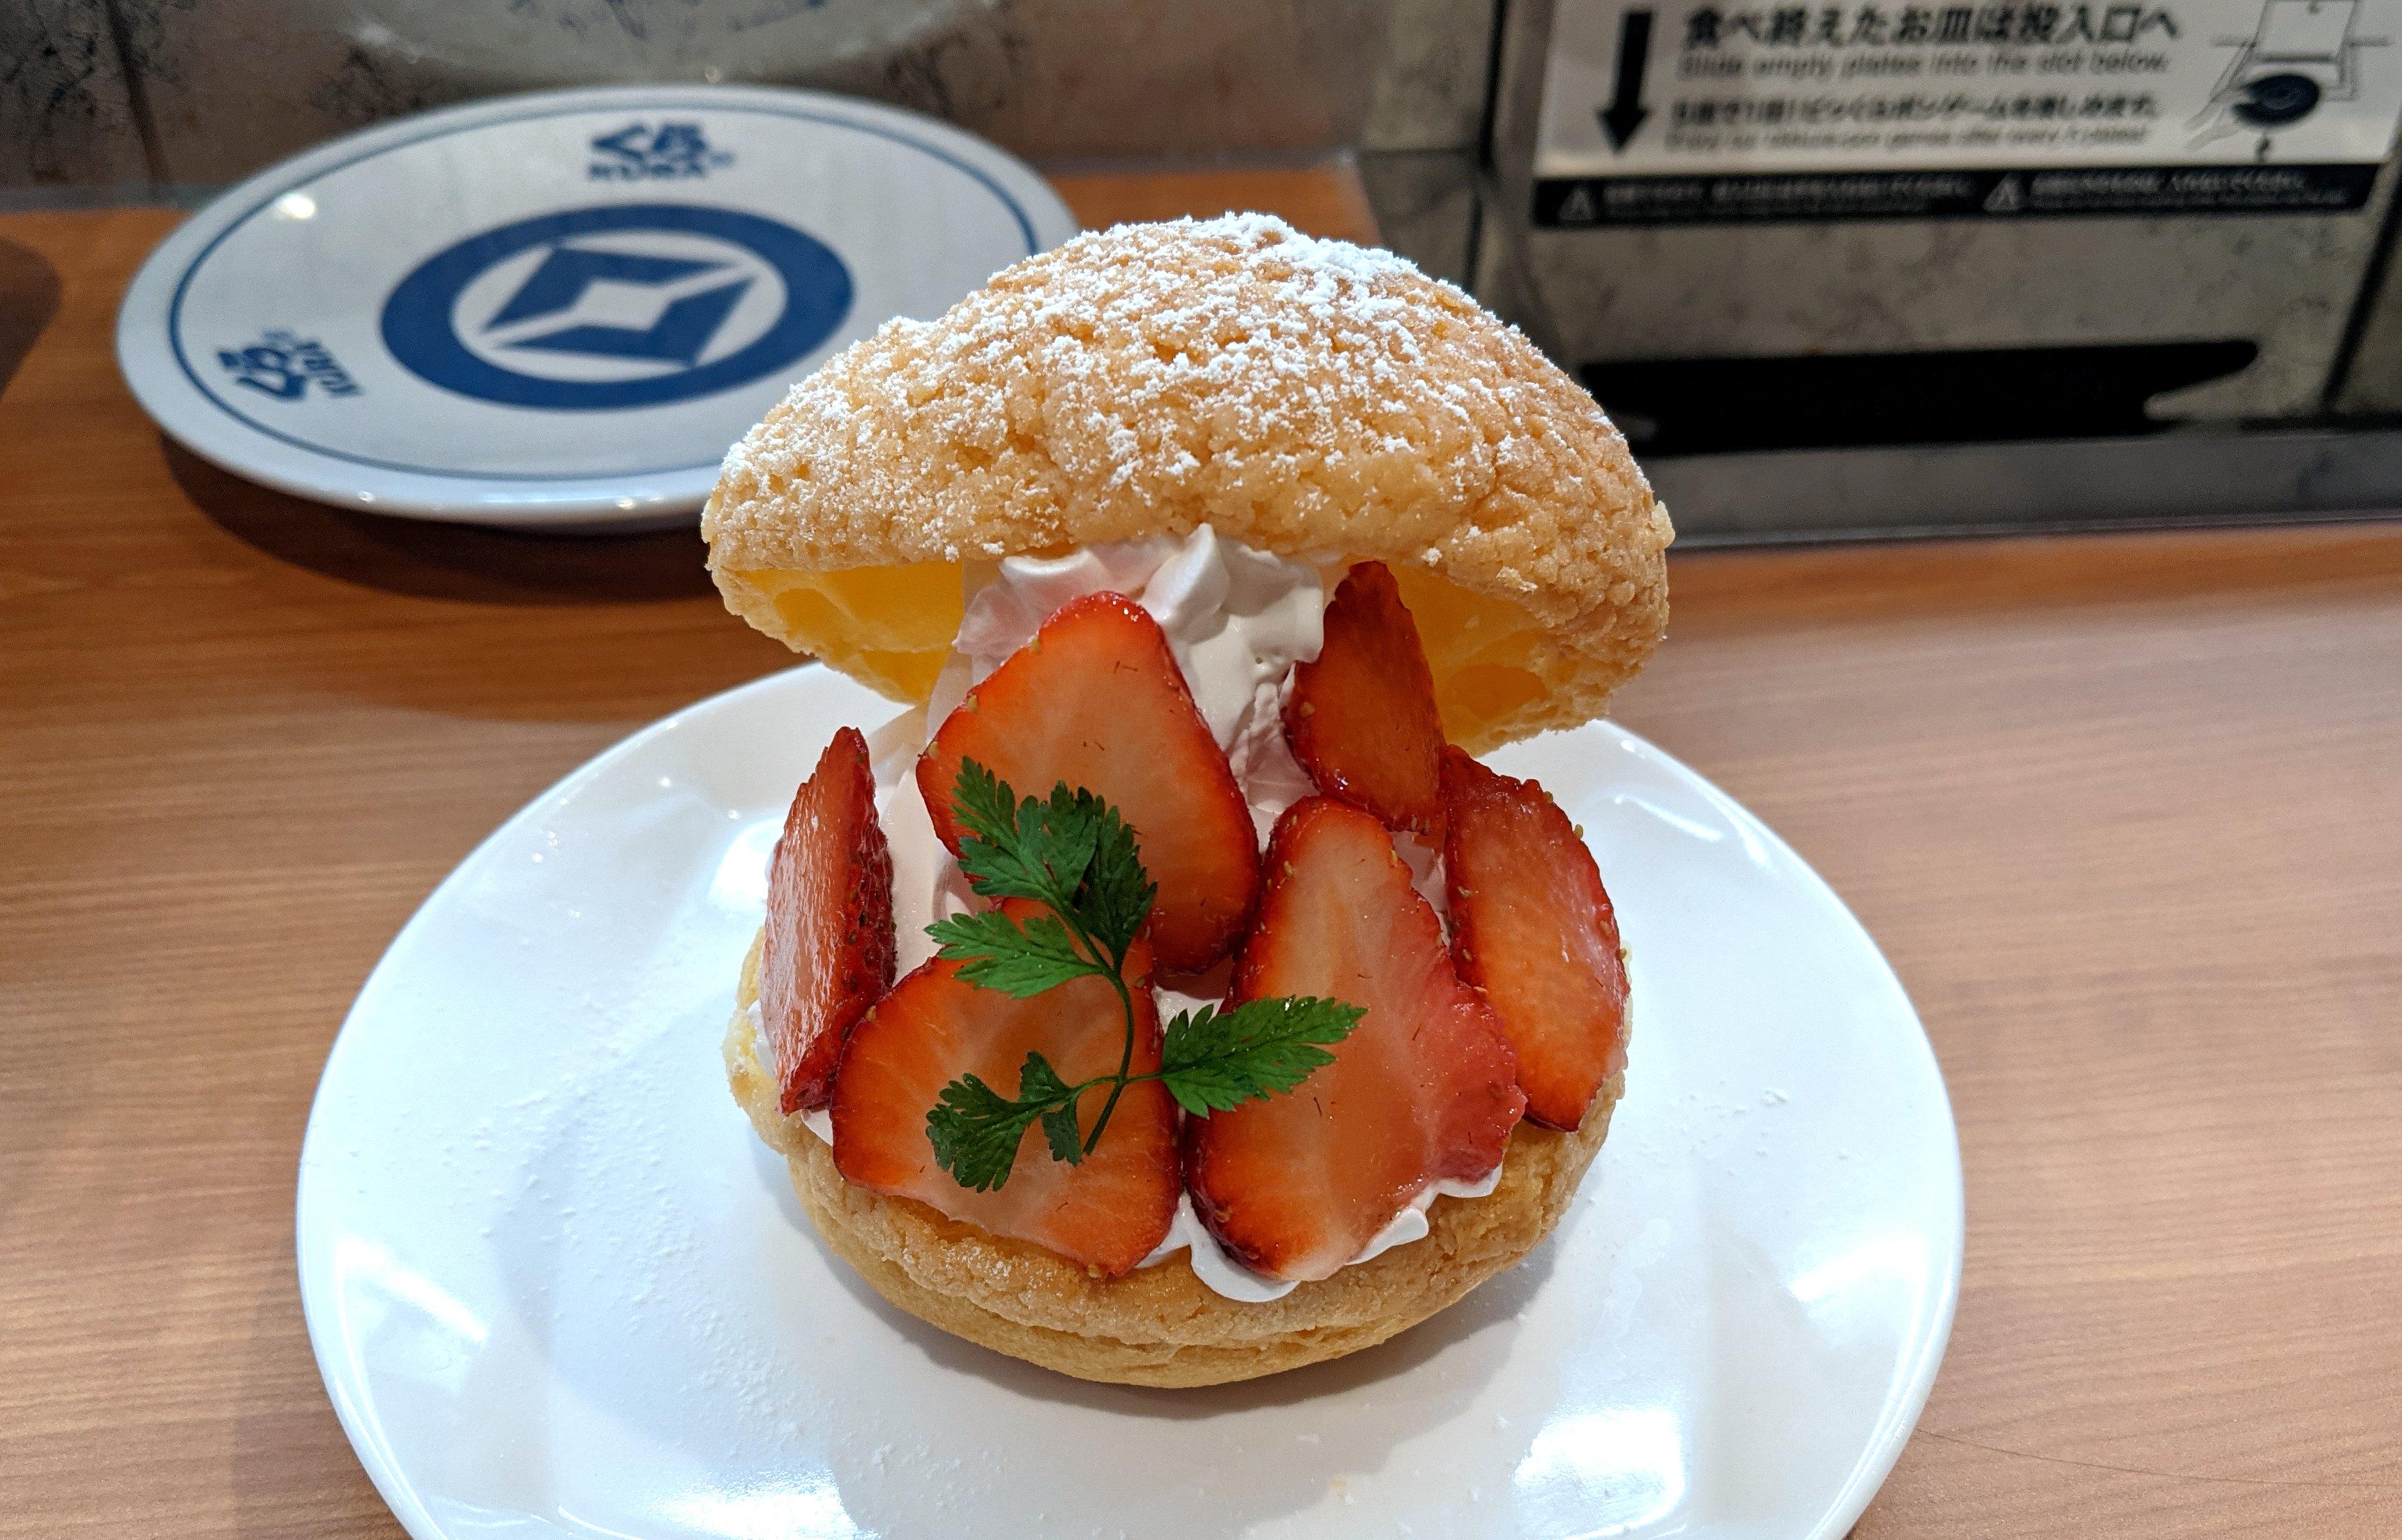 【1日20食限定】くら寿司の「いちごのシュークリーム」がハイクオリティすぎる! 寿司屋にしておくのはもったいないレベル